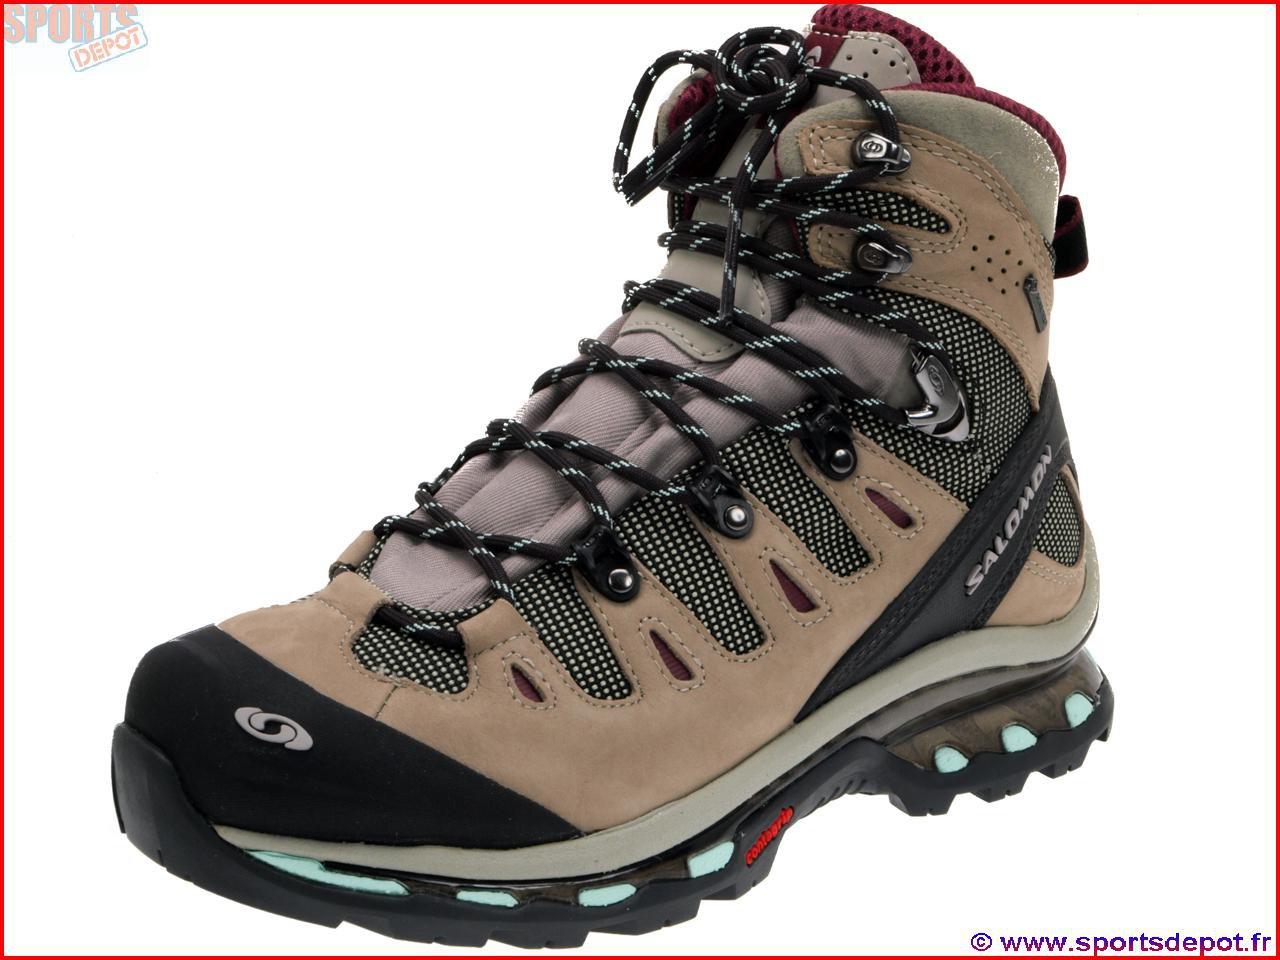 058cac29474 Un rétro pour le salomon chaussures randonnee Rose - insectorama.fr